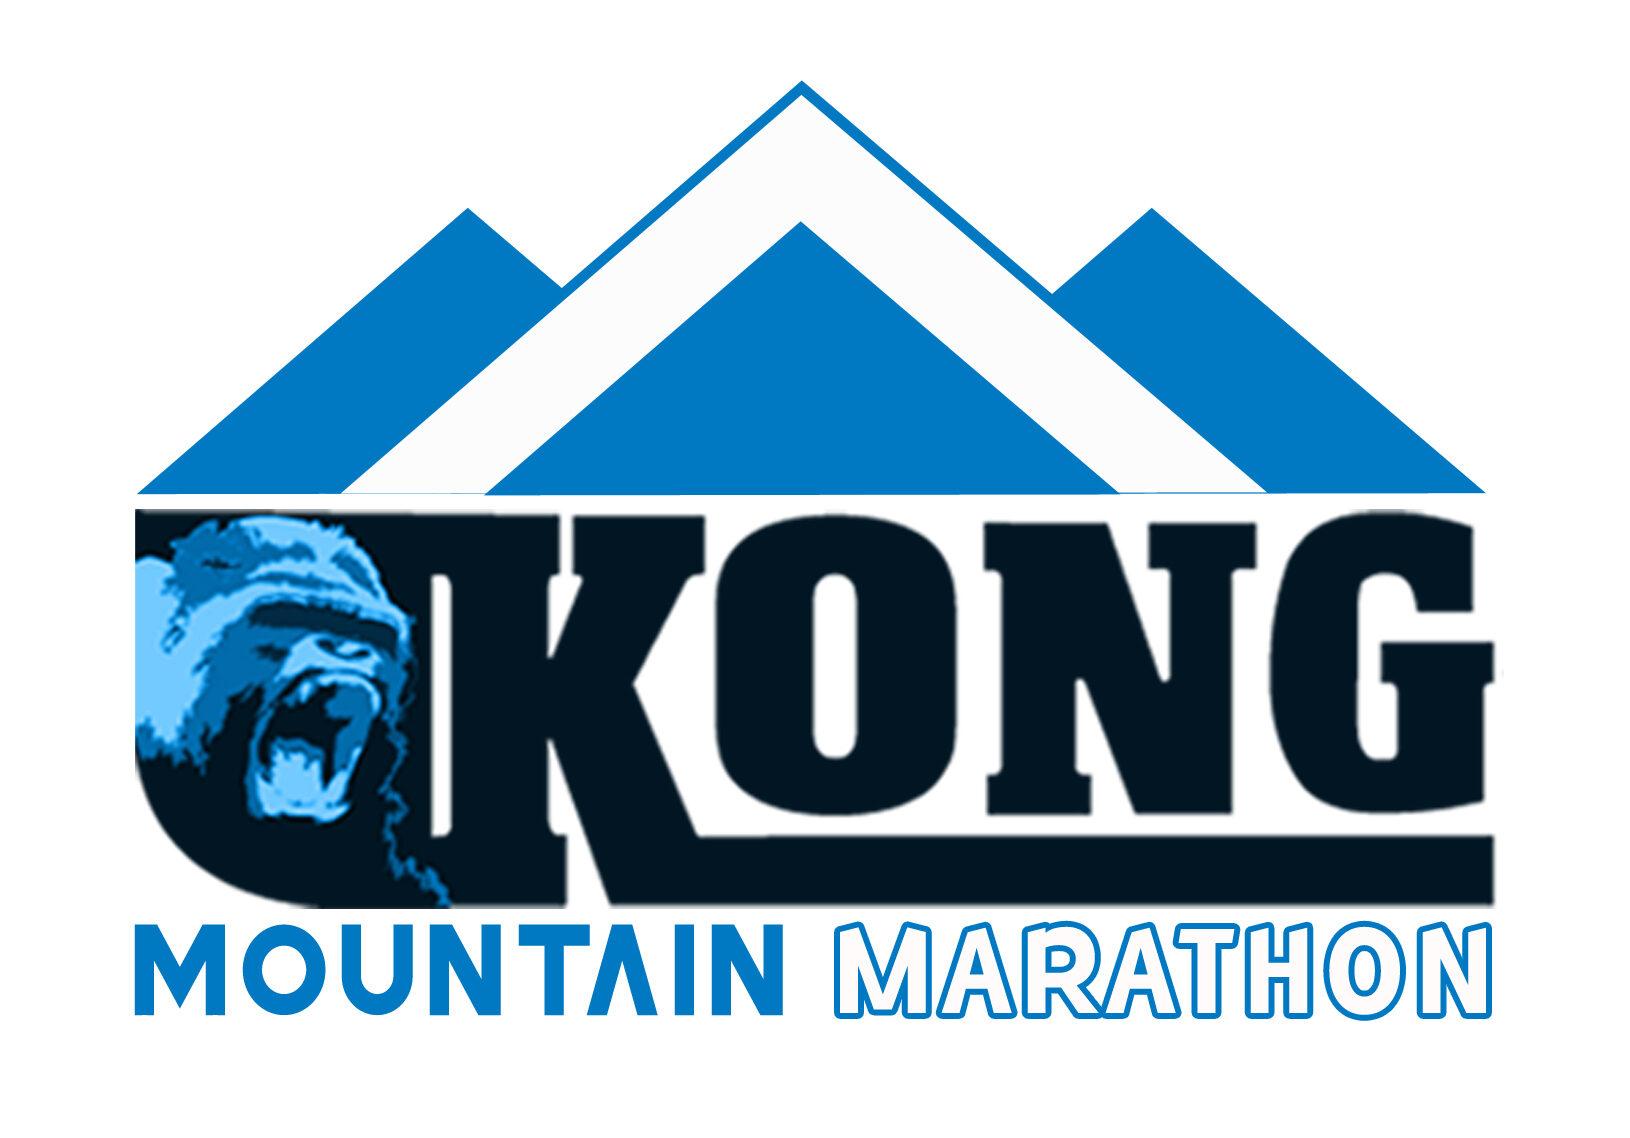 KONG MOUNTAIN MARATHON